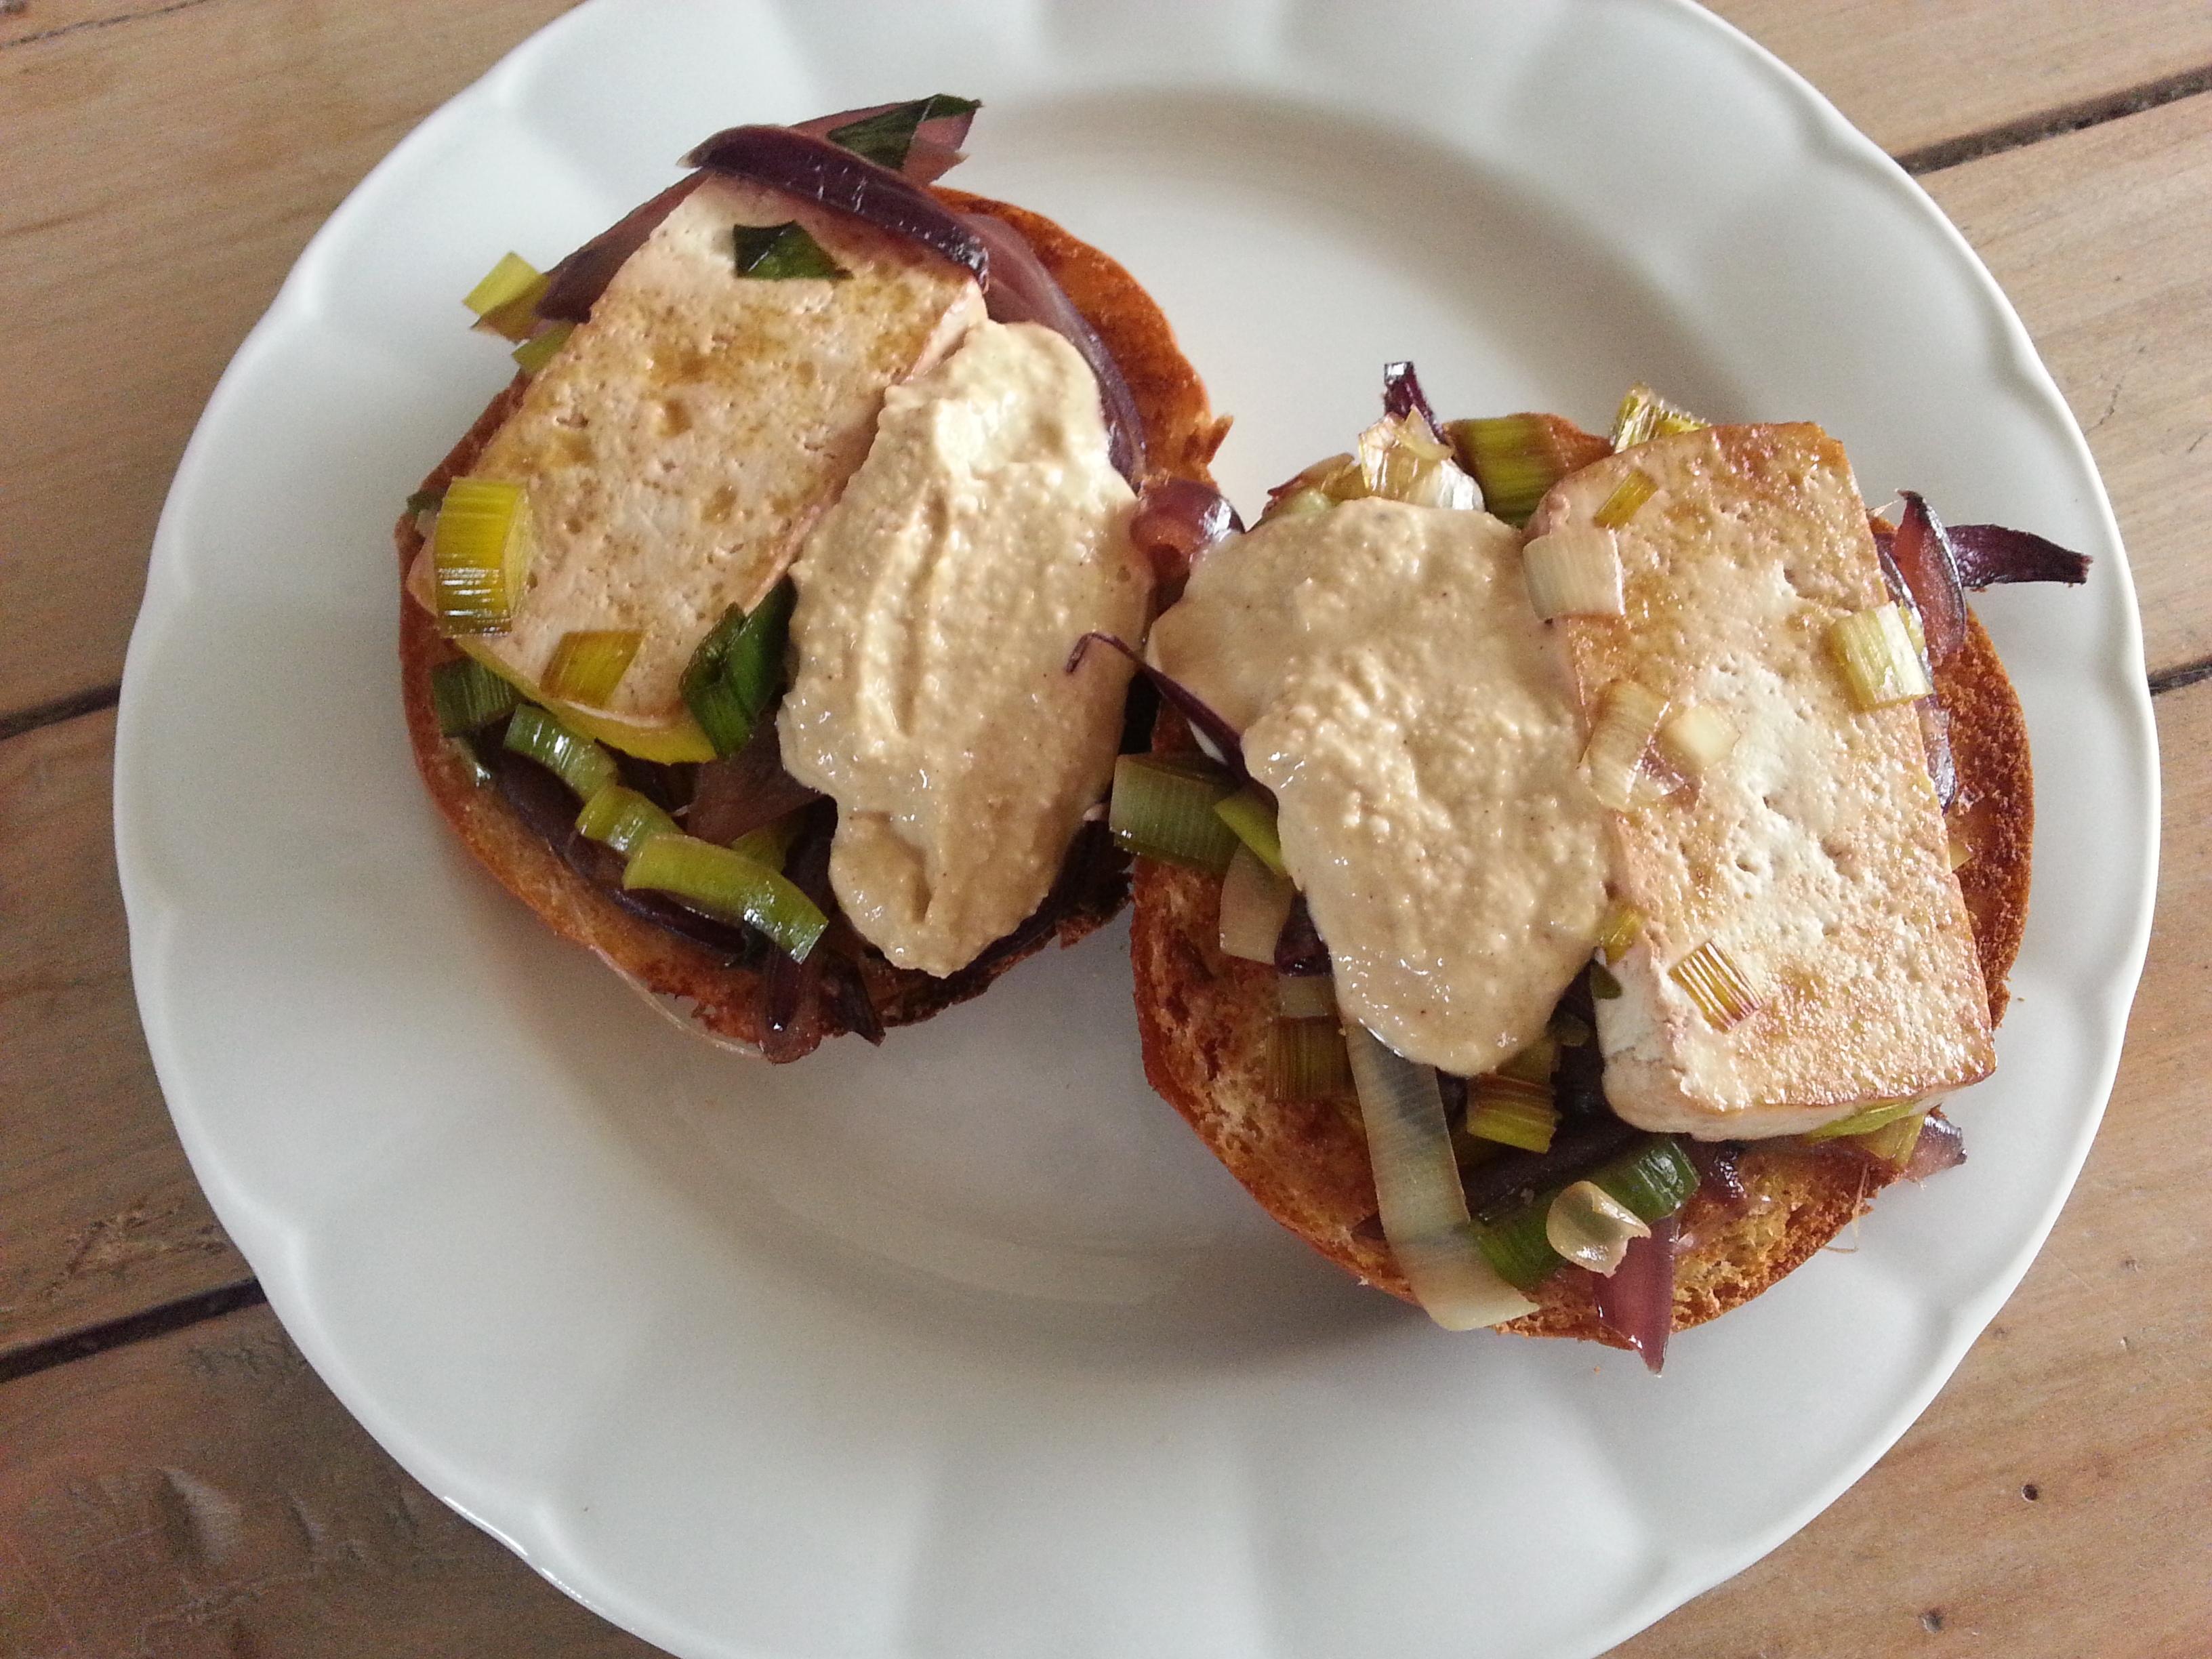 Hamburguesa de verdura y tofu con salsa de hummus